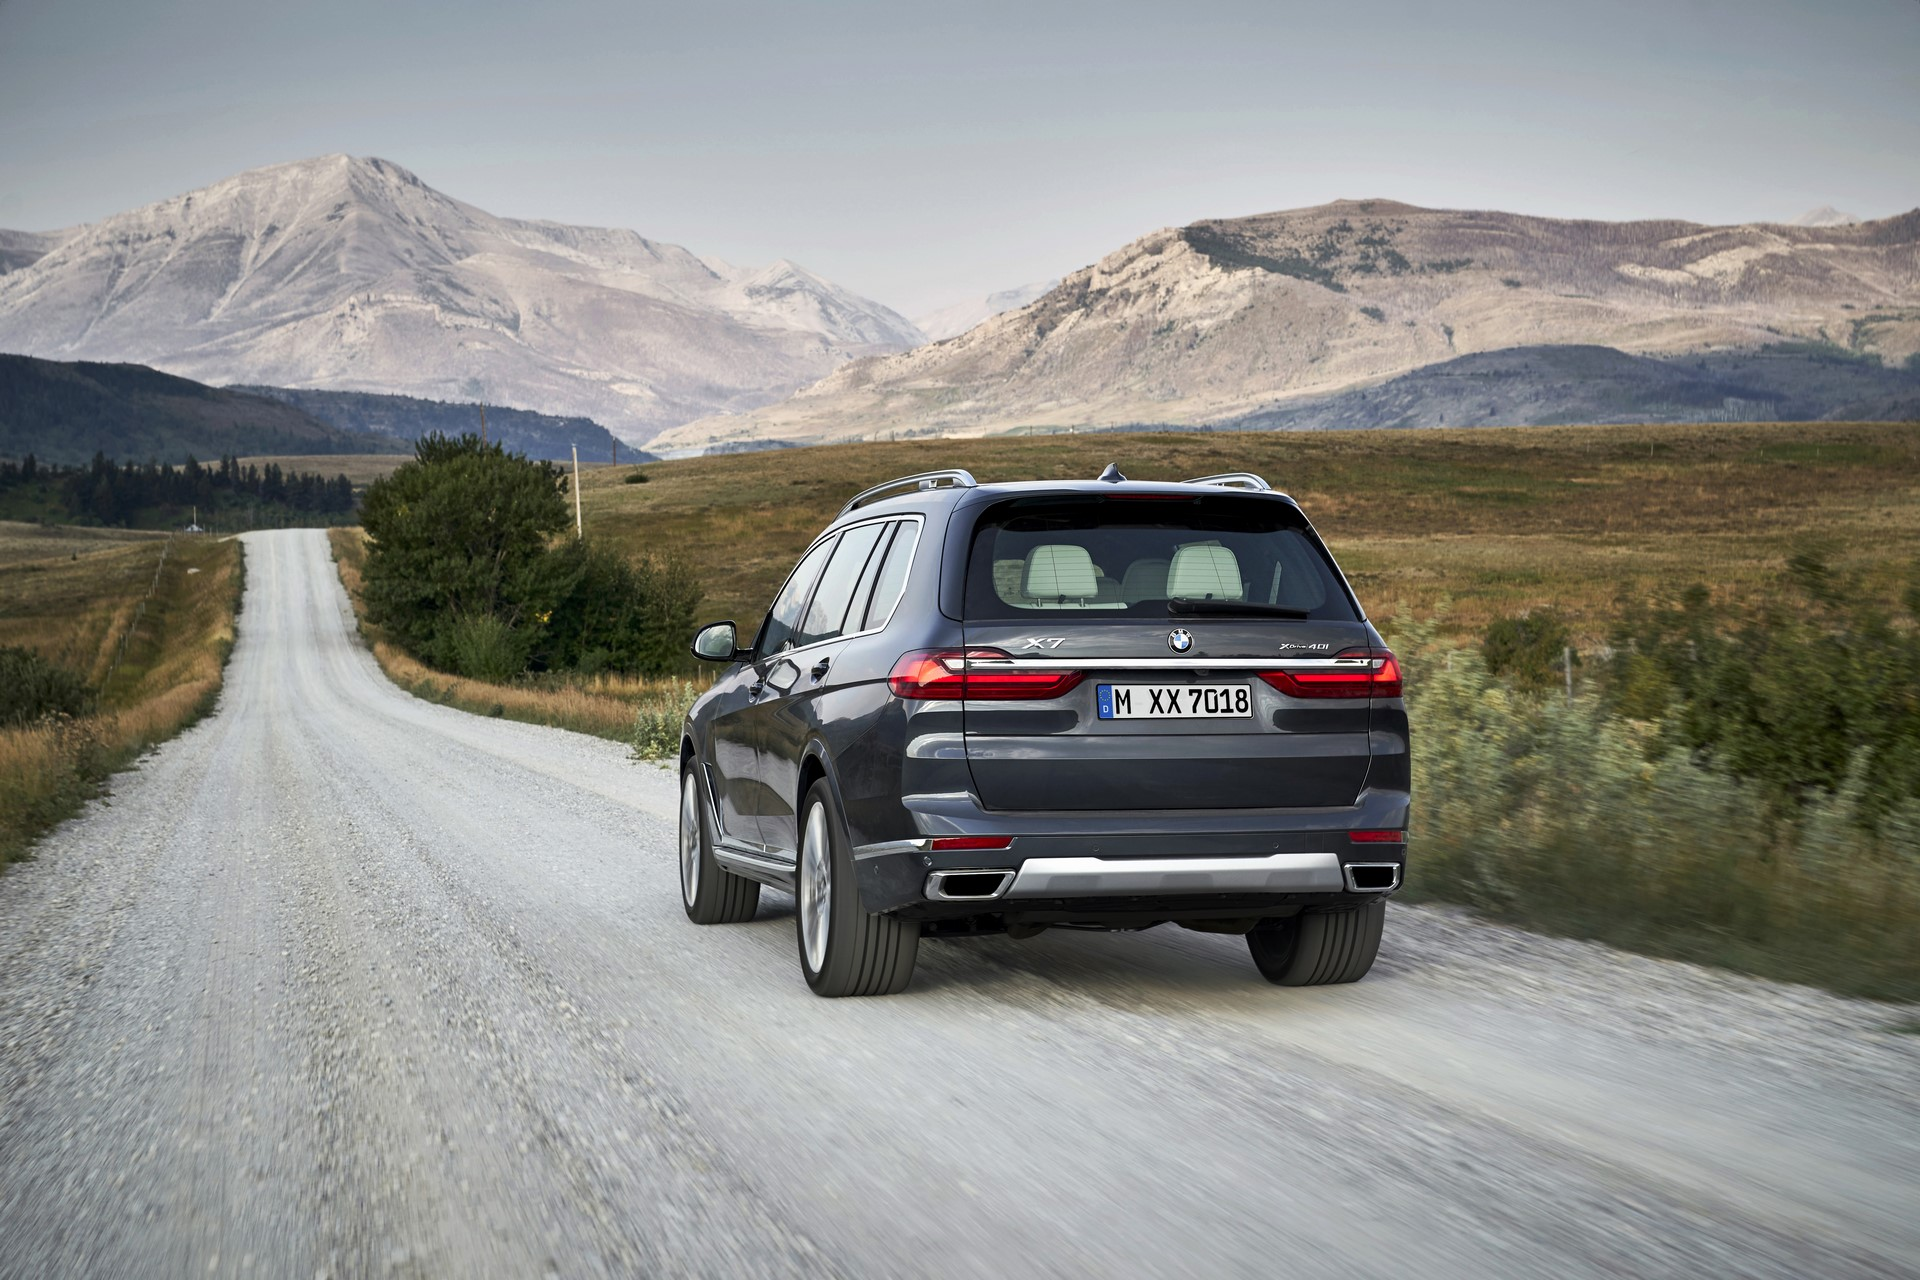 BMW X7 2019 (16)